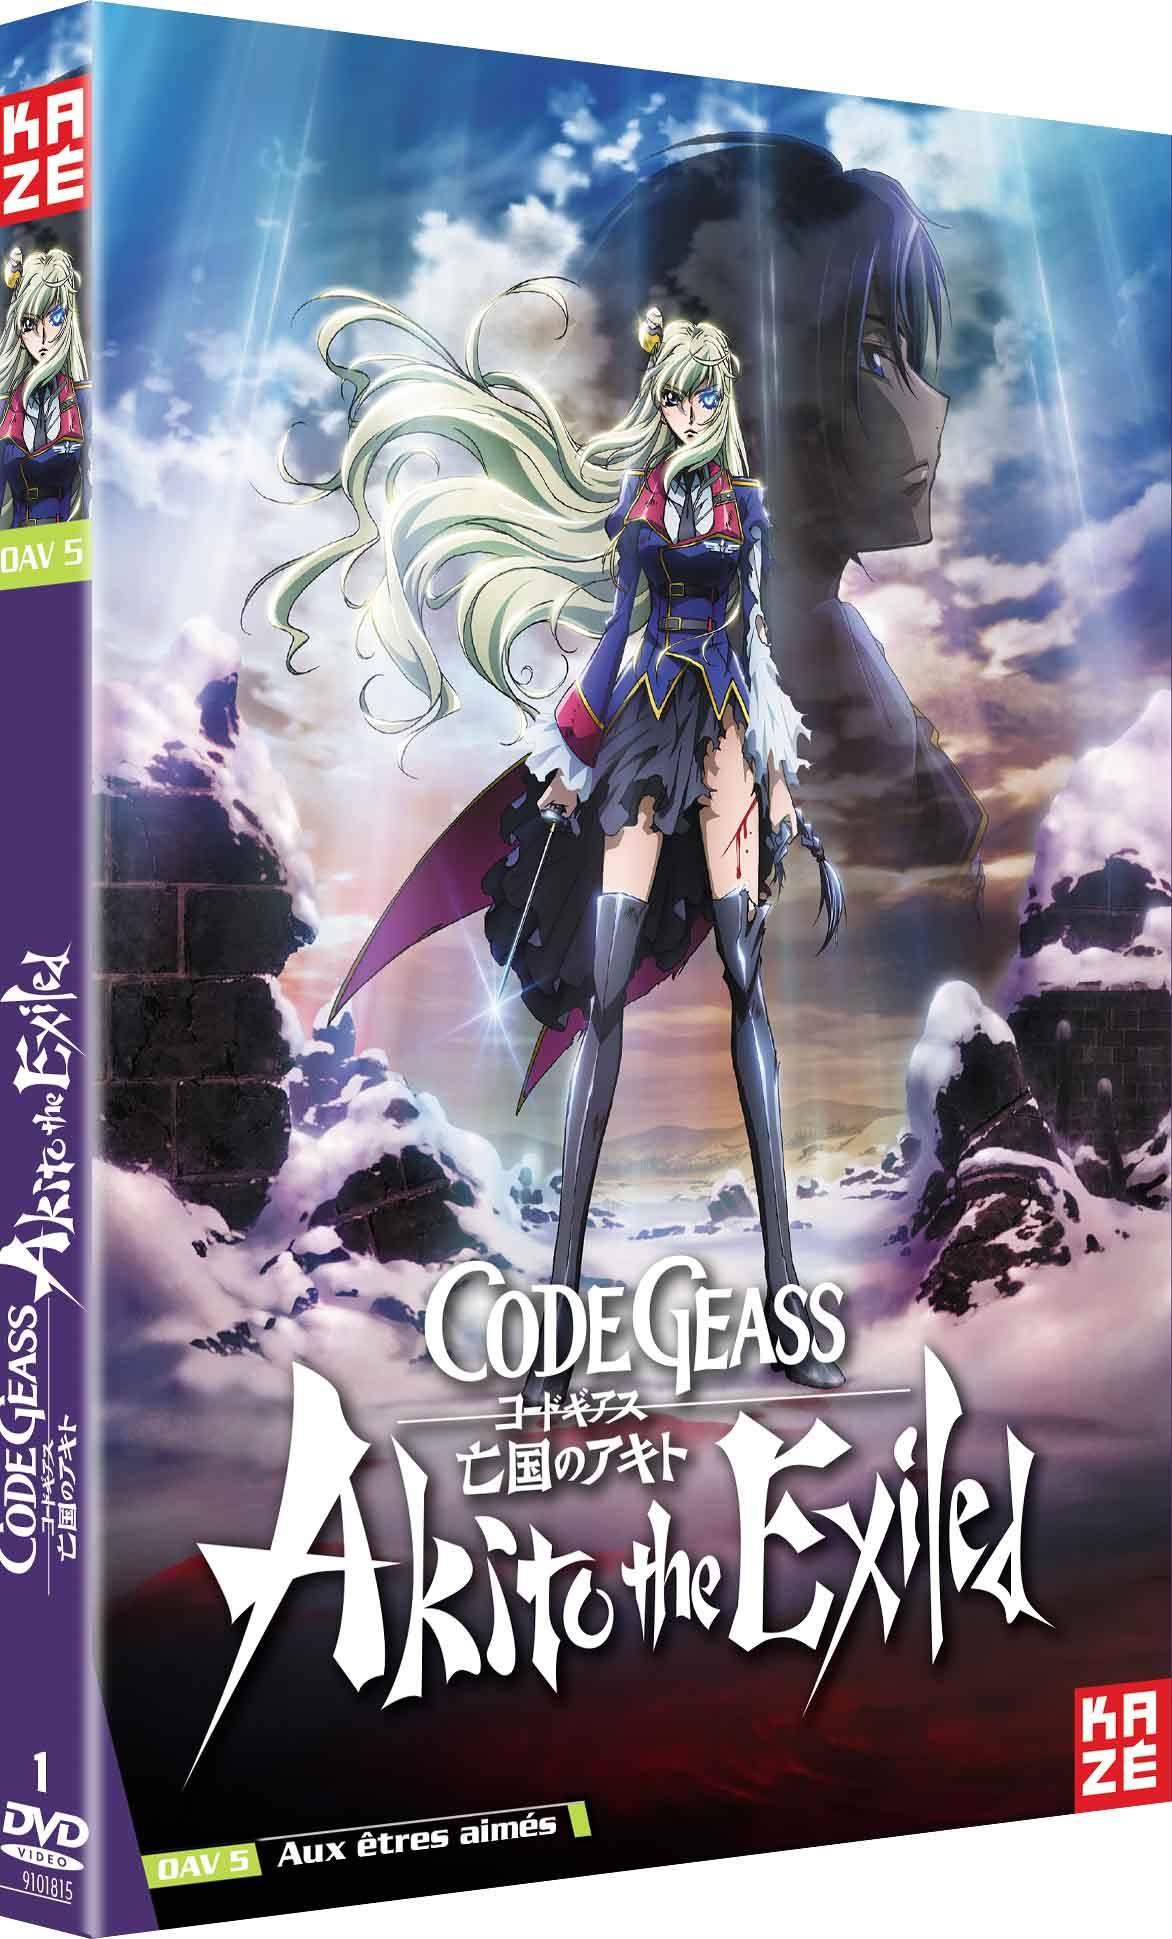 Code geass akito - the exiled - oav 5 - dvd